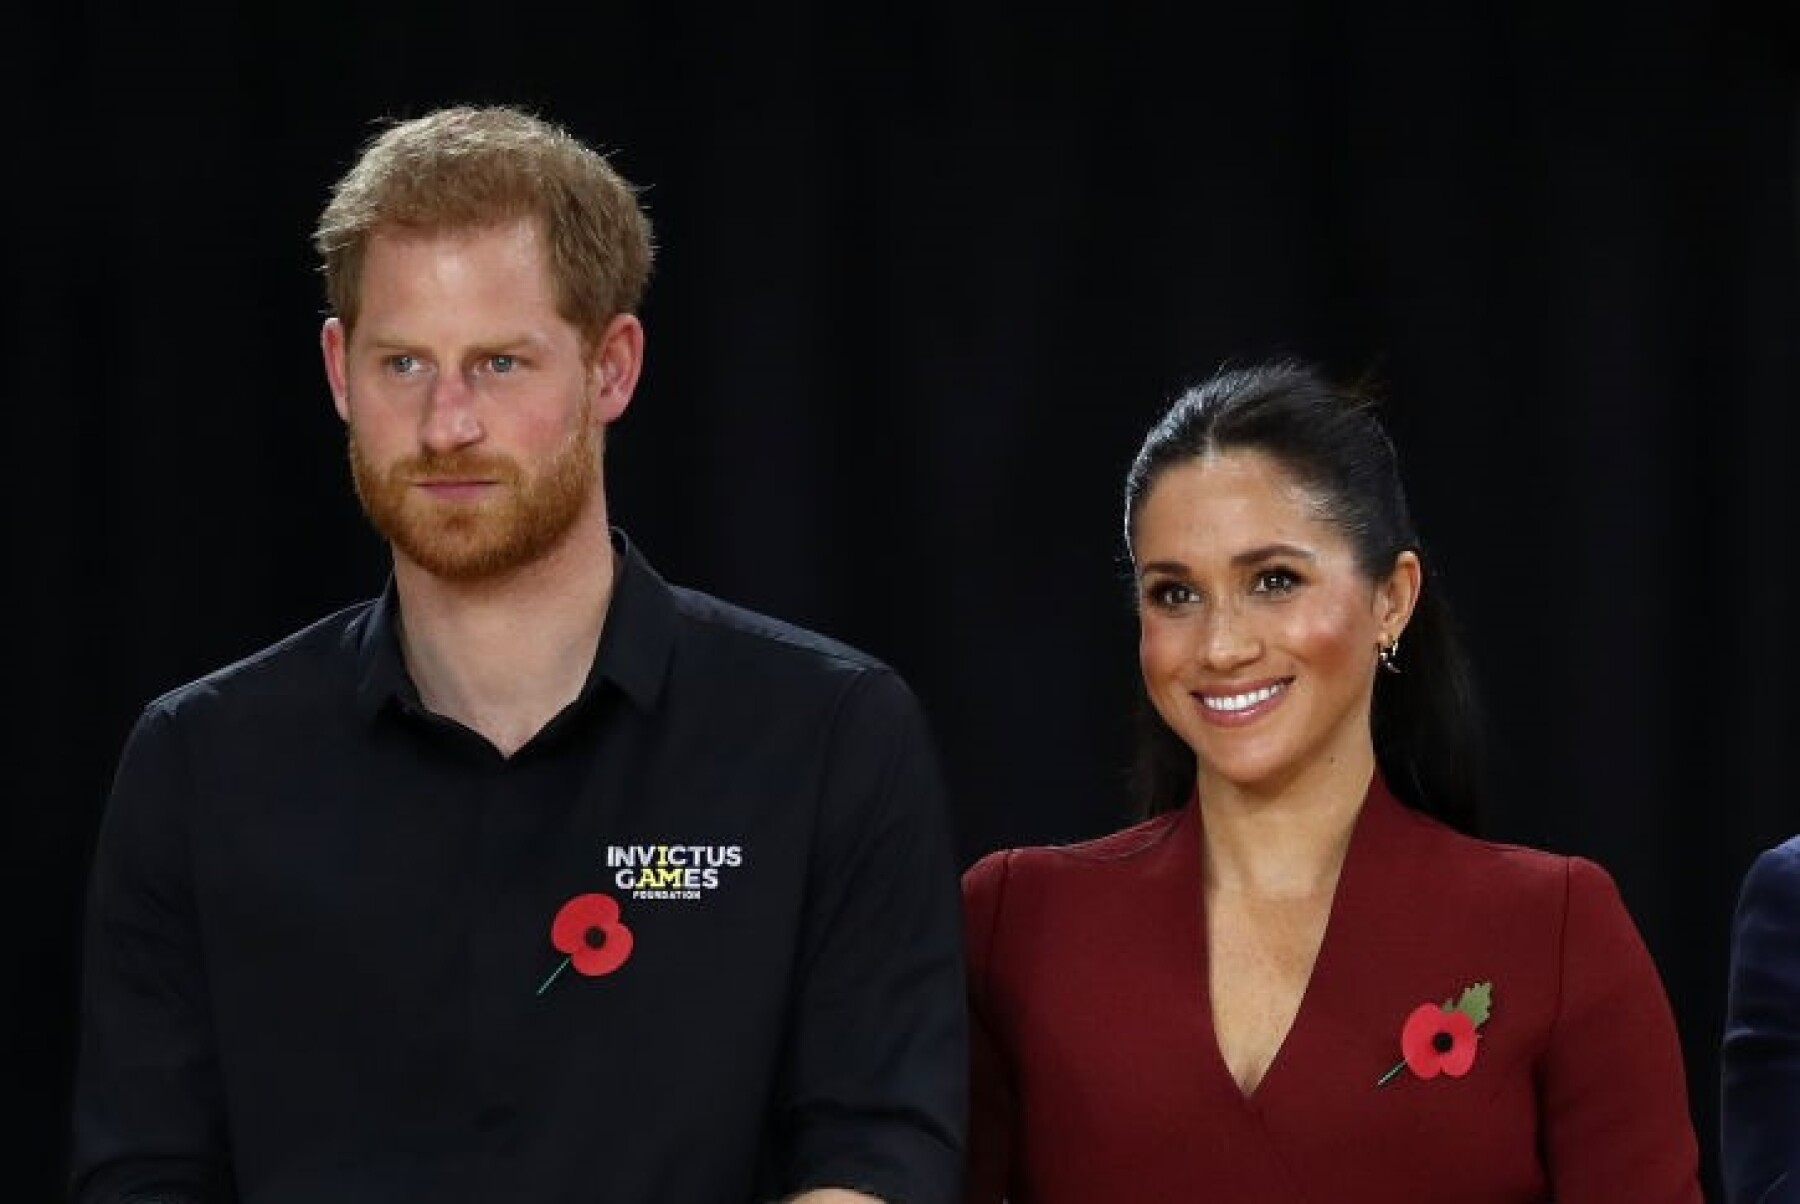 Príncipe Harry y Meghan Marle